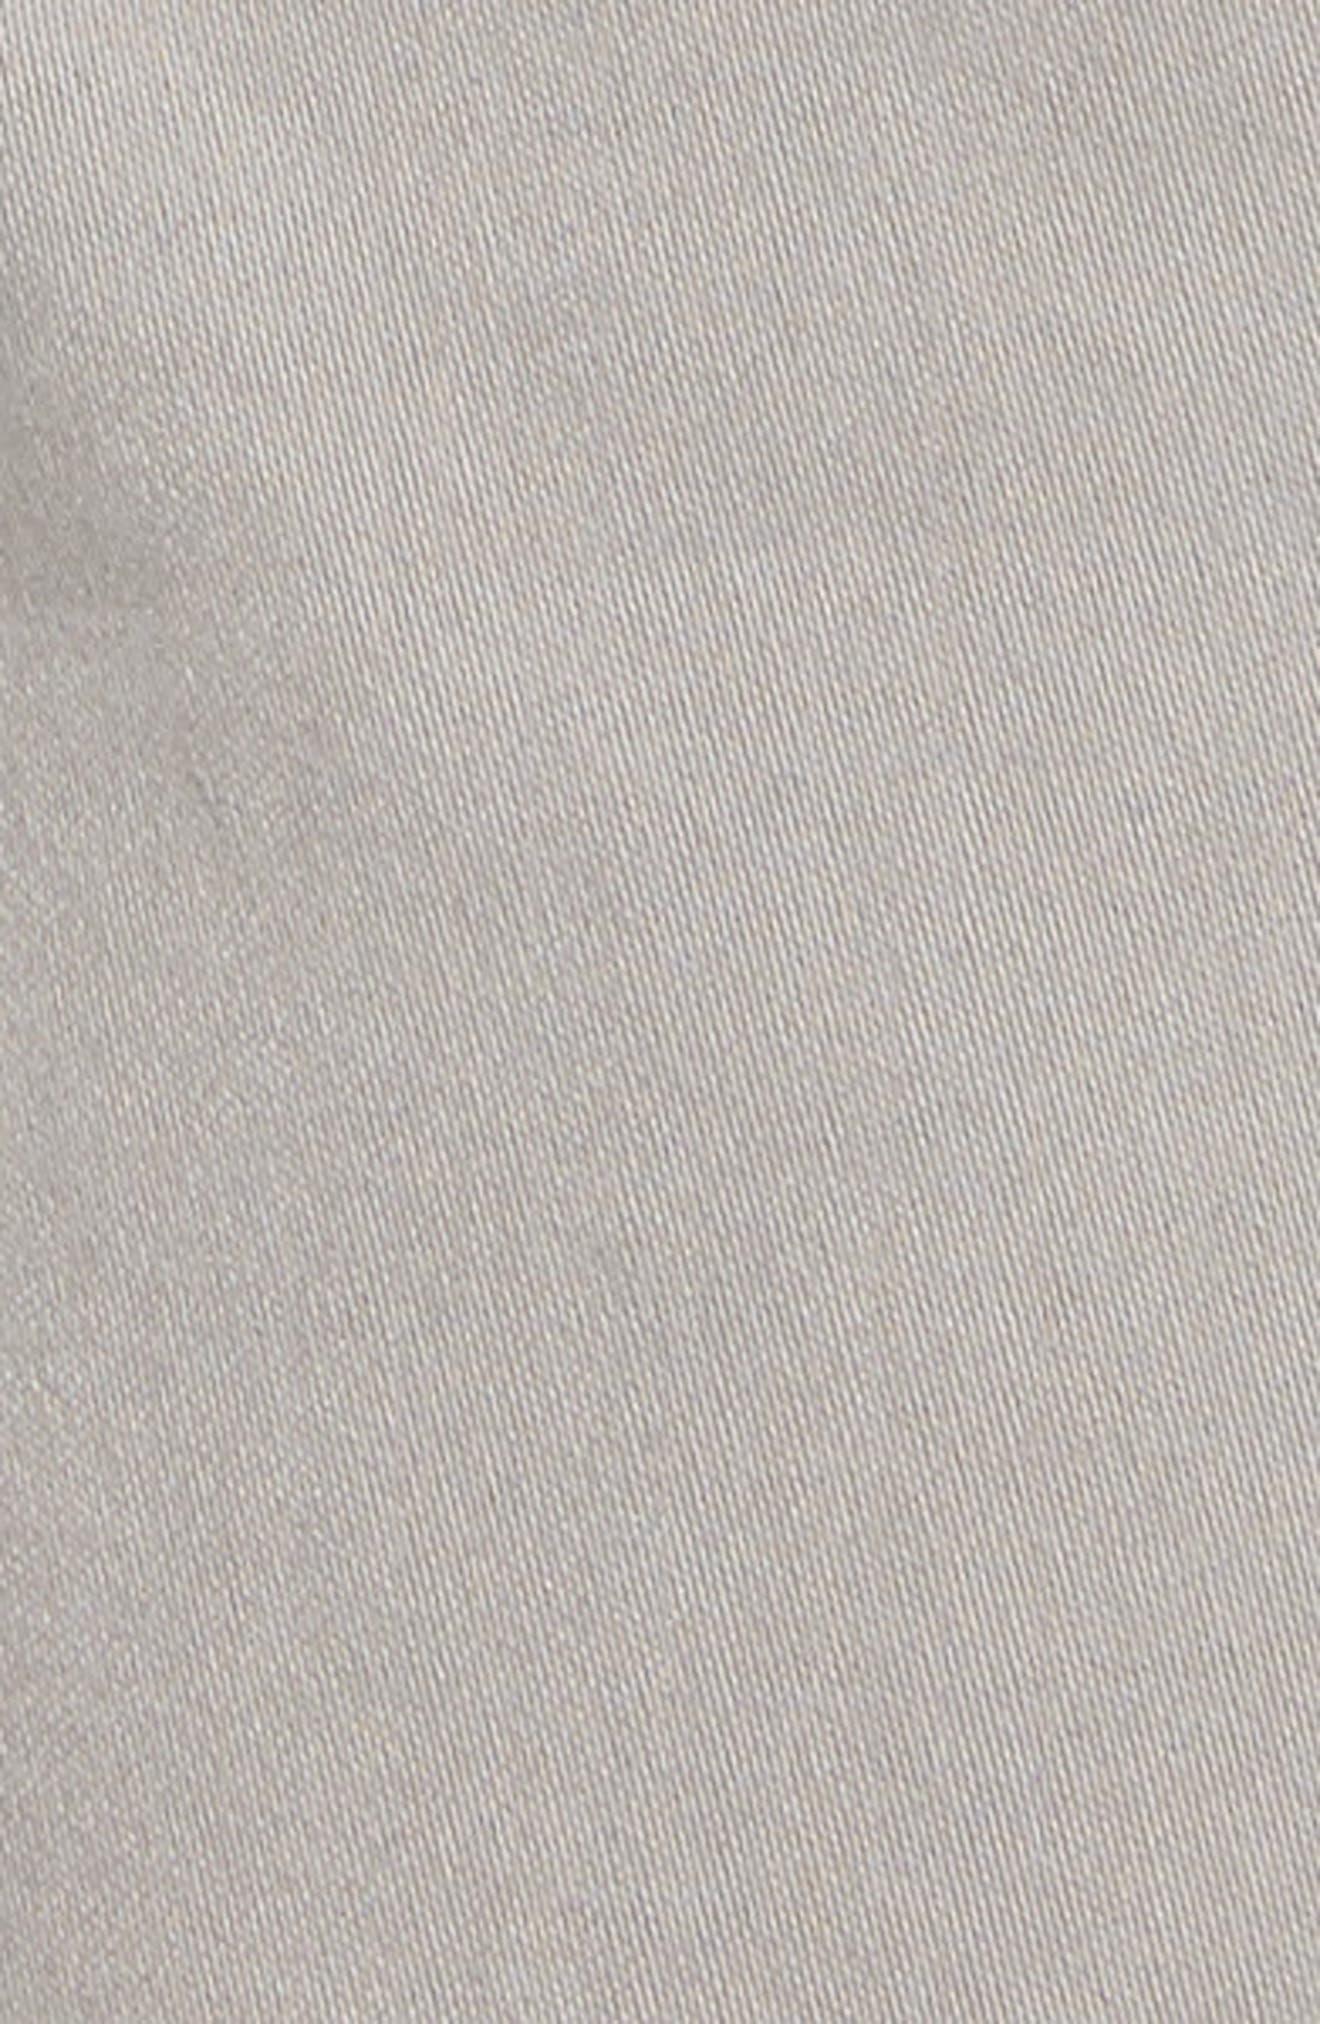 Everett SUD Slim Straight Fit Pants,                             Alternate thumbnail 5, color,                             SULFUR PLATINUM